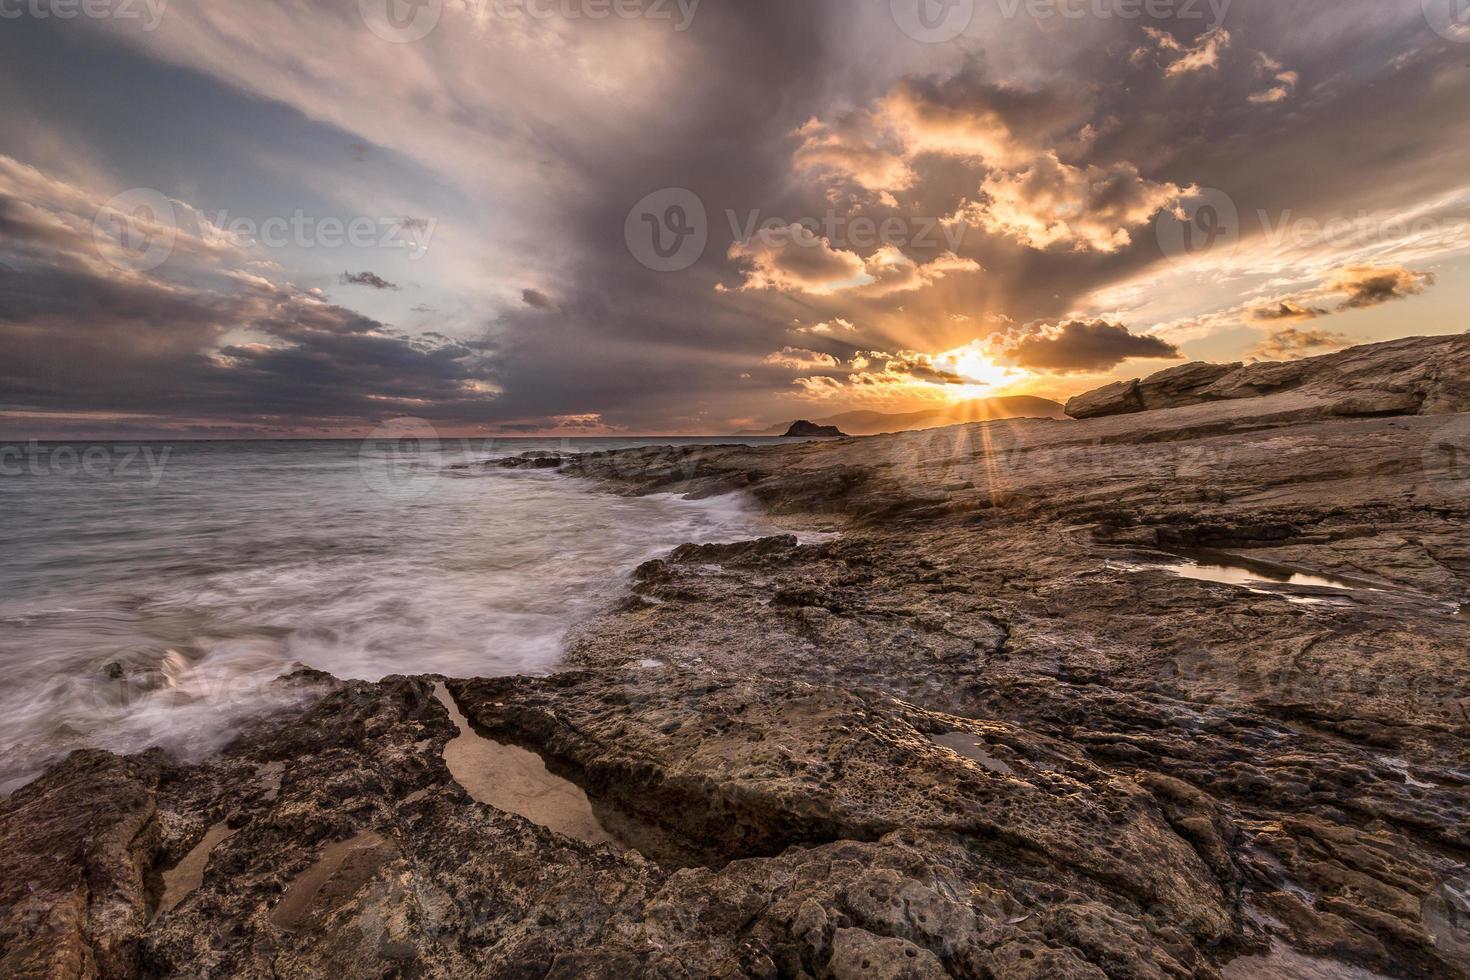 coucher de soleil sur les rochers de l'île de karpathos. photo